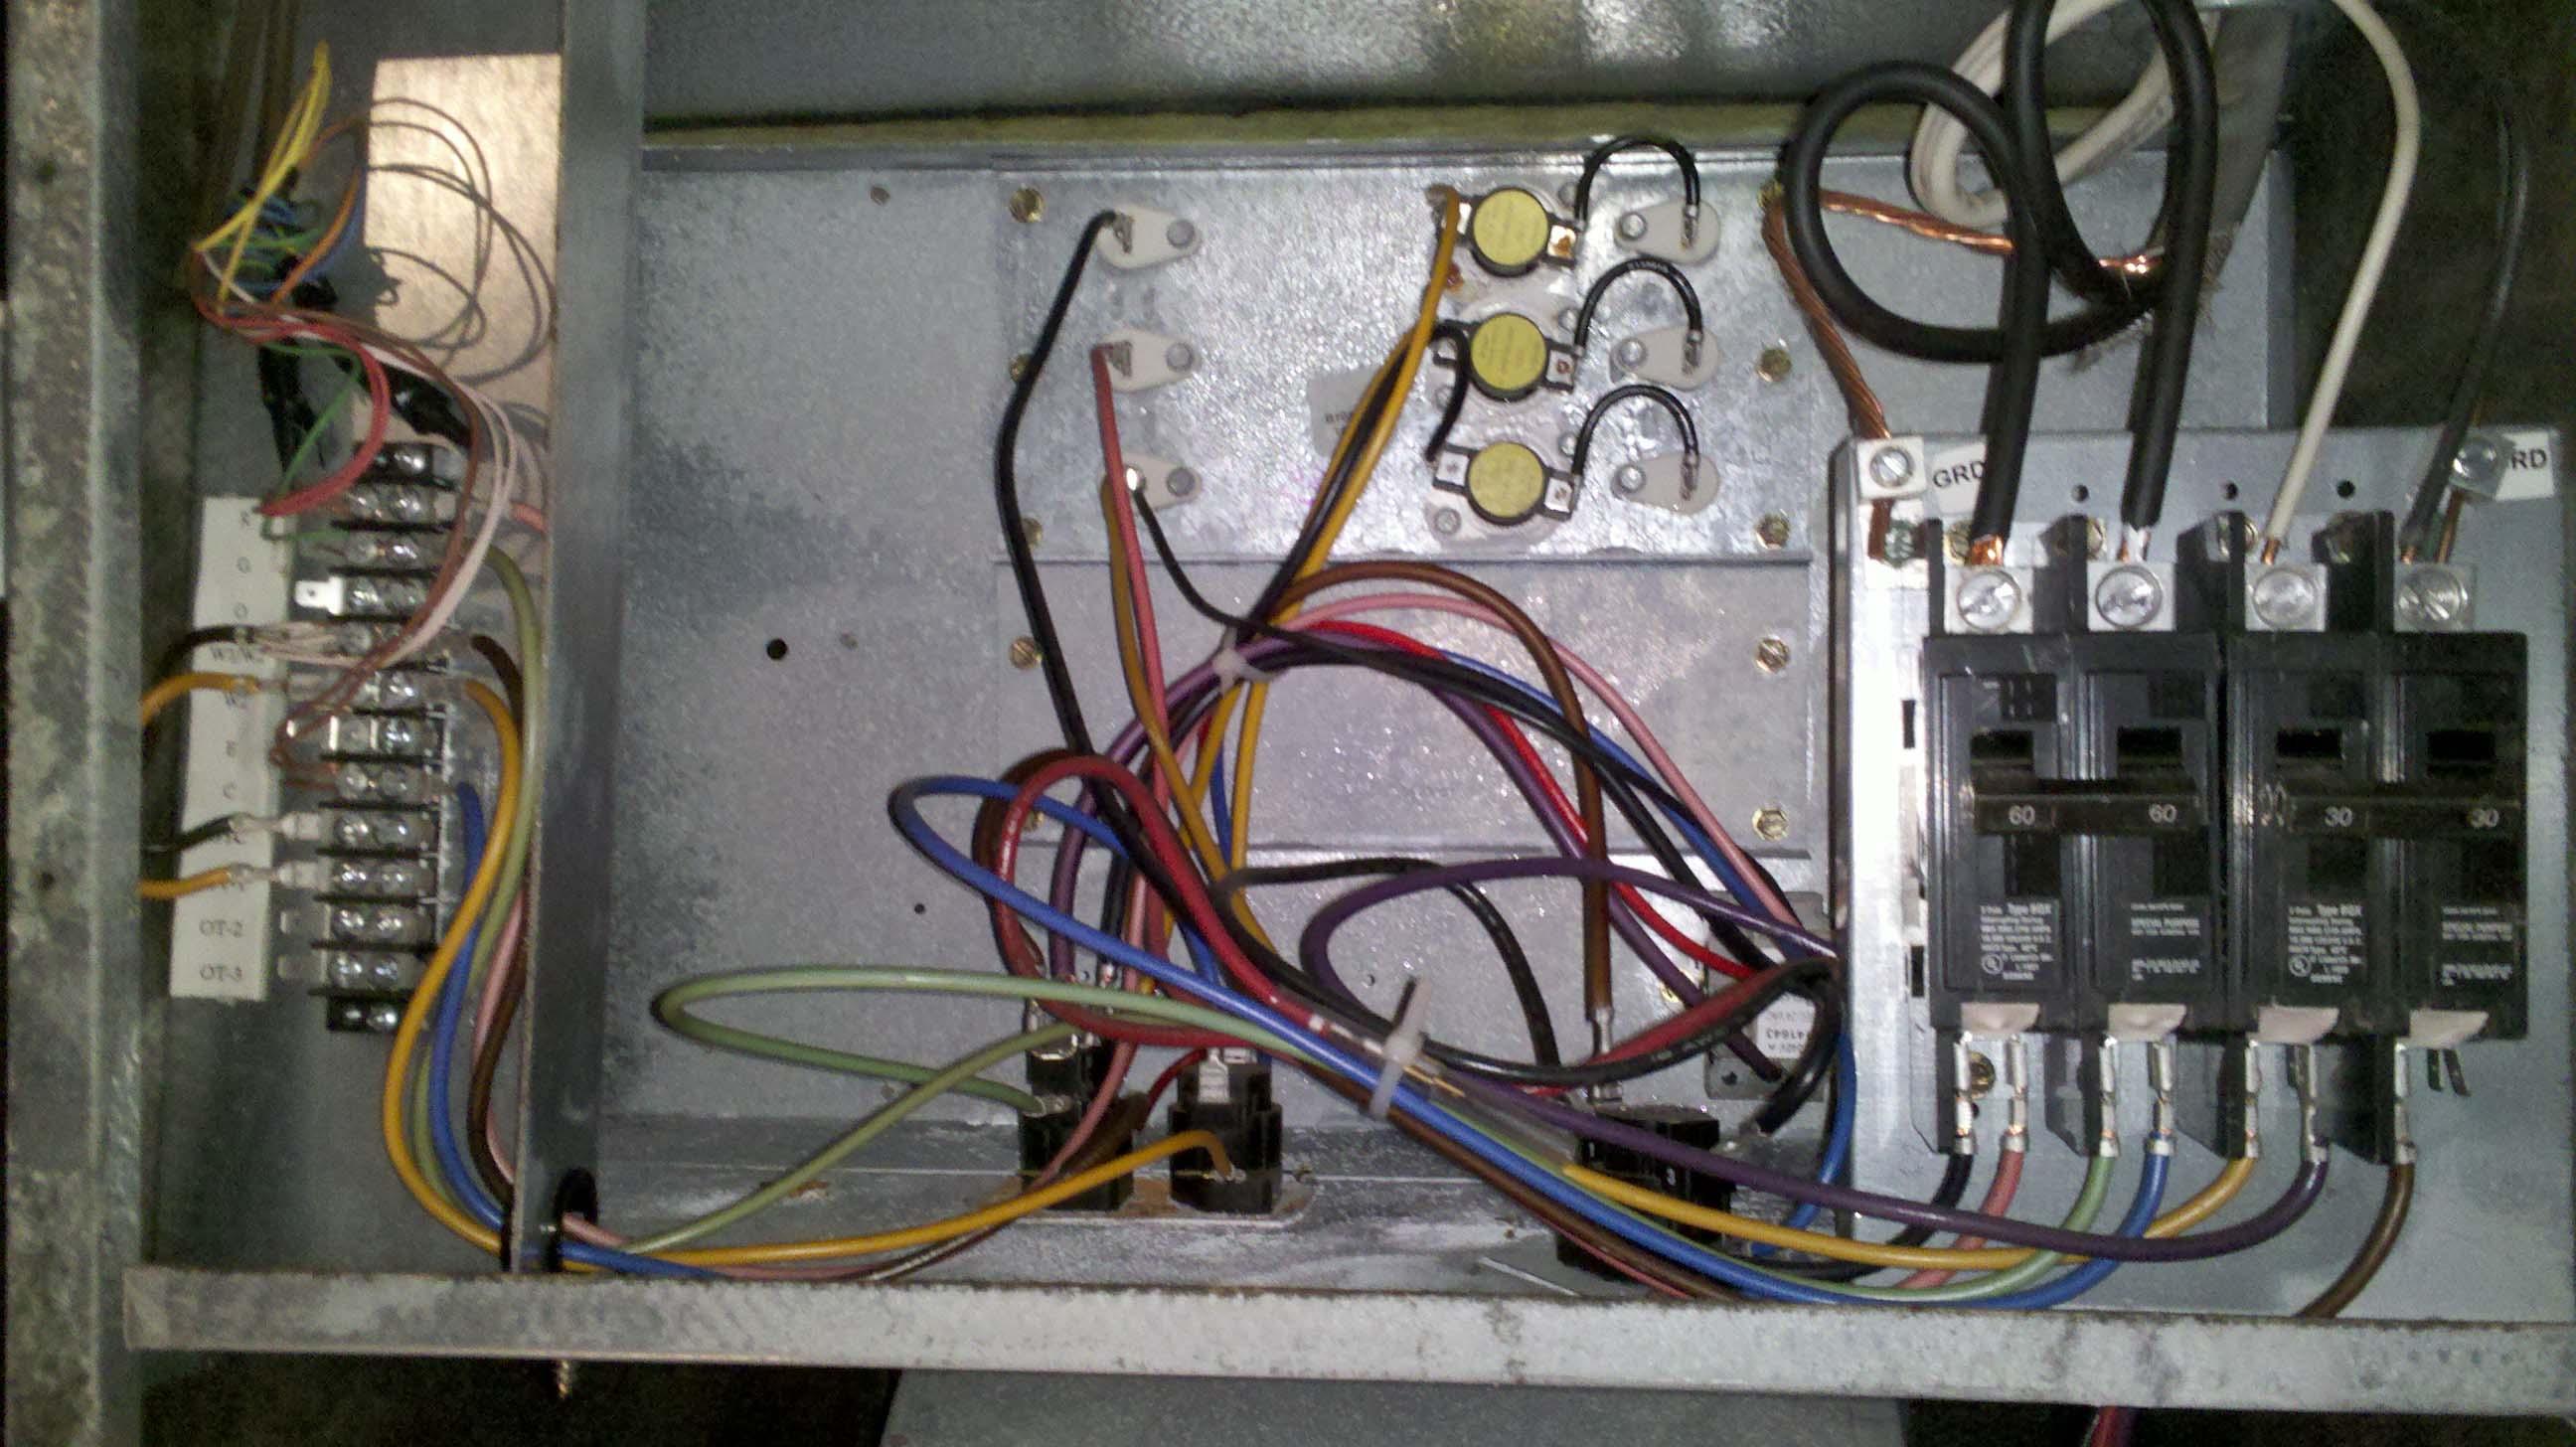 Air Handler Wiring Diagrams Also Goodman Air Handler Wiring Diagrams